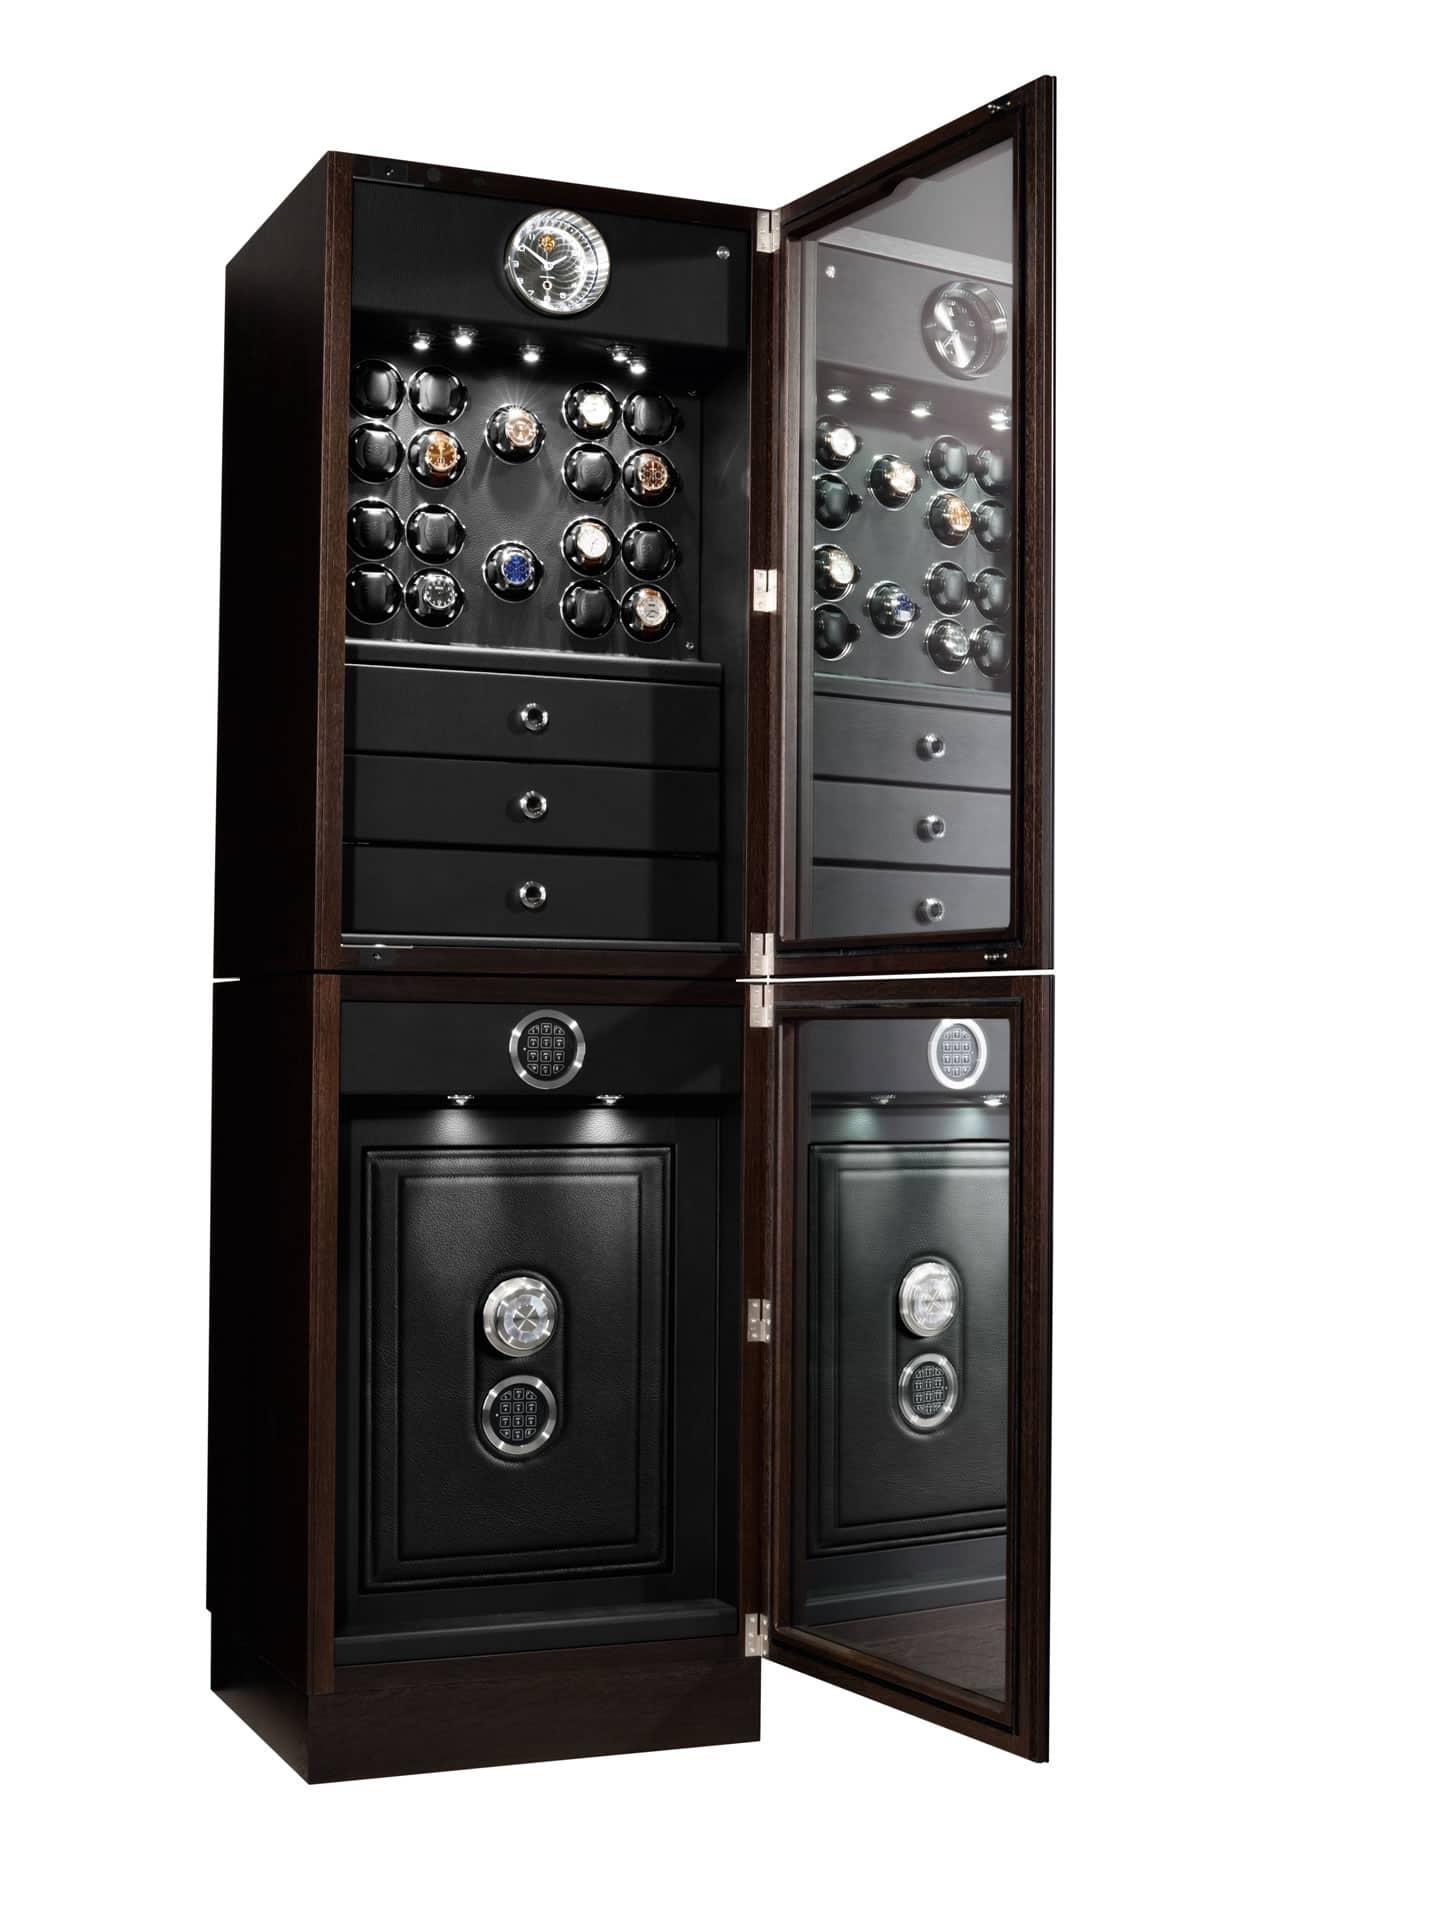 buben z rweg grand collector inbuilt. Black Bedroom Furniture Sets. Home Design Ideas